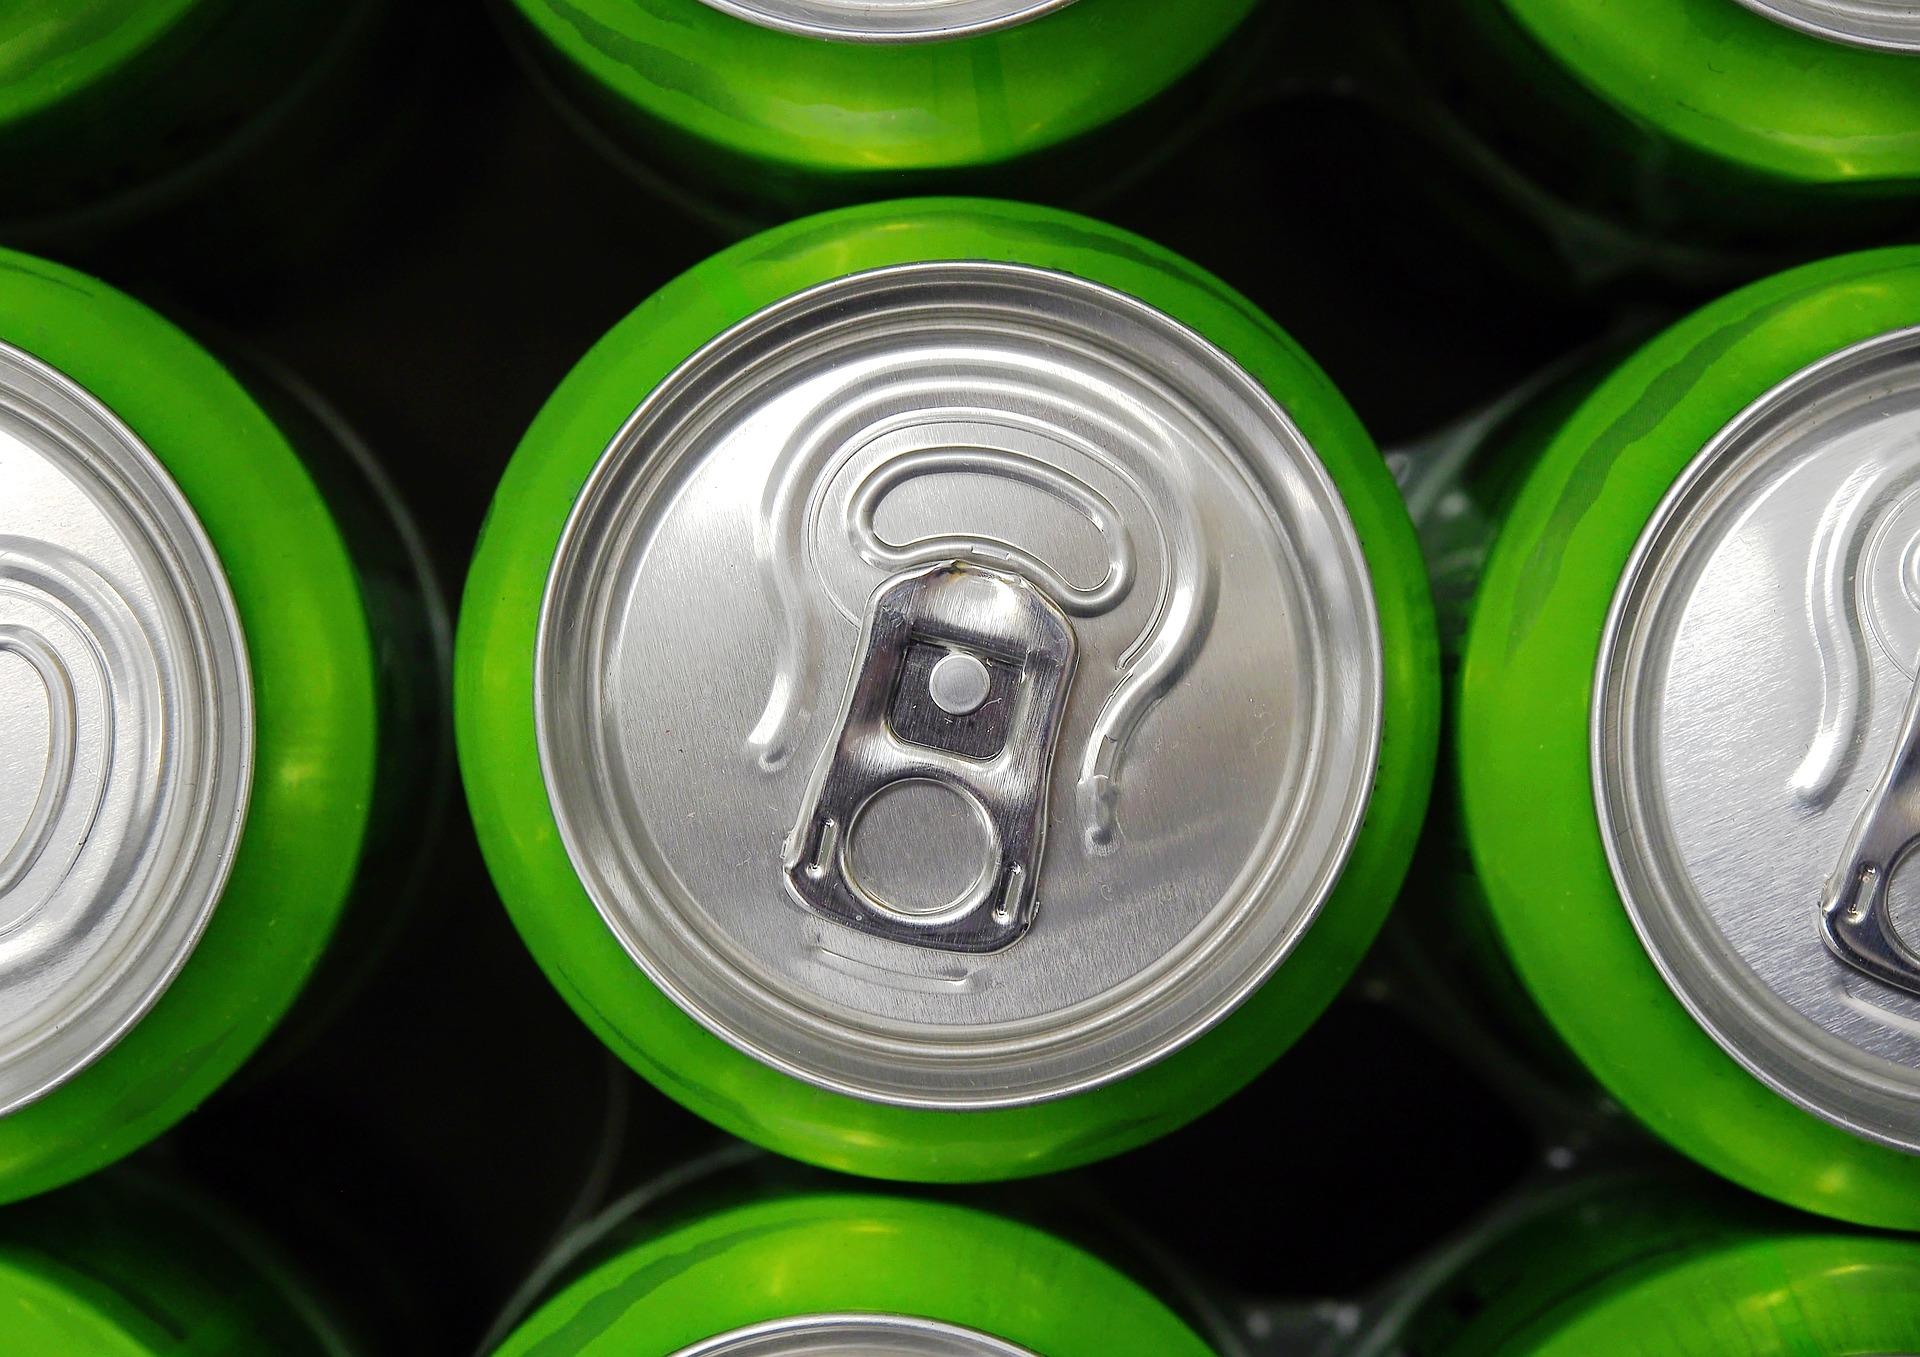 les boissons gazeuses font gonfler le ventre